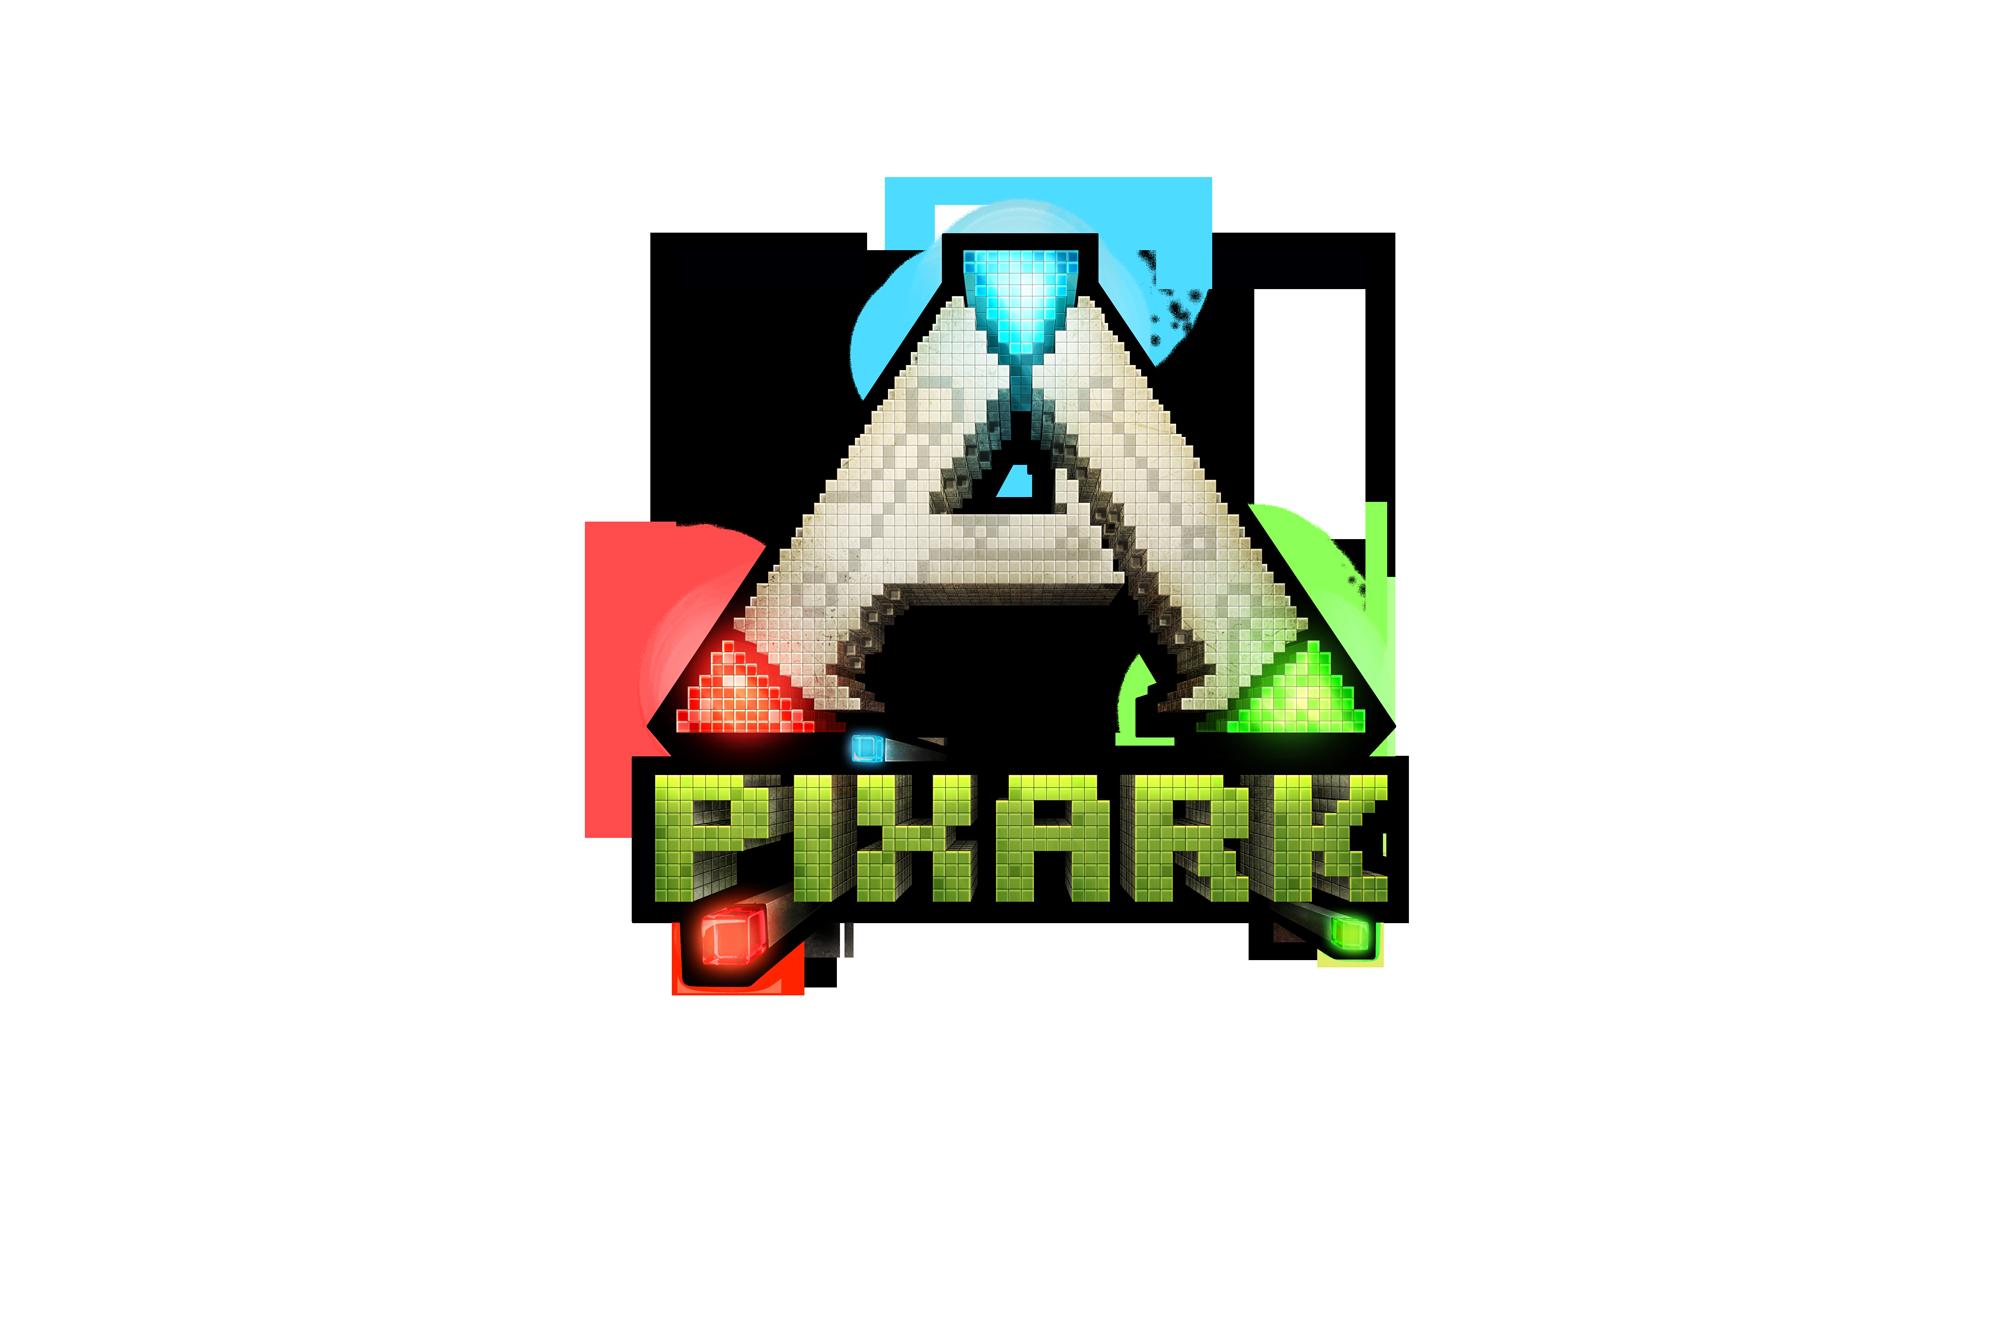 Anunciado PixARK el nuevo juego de supervivencia sobre mundo abierto de Snail Games